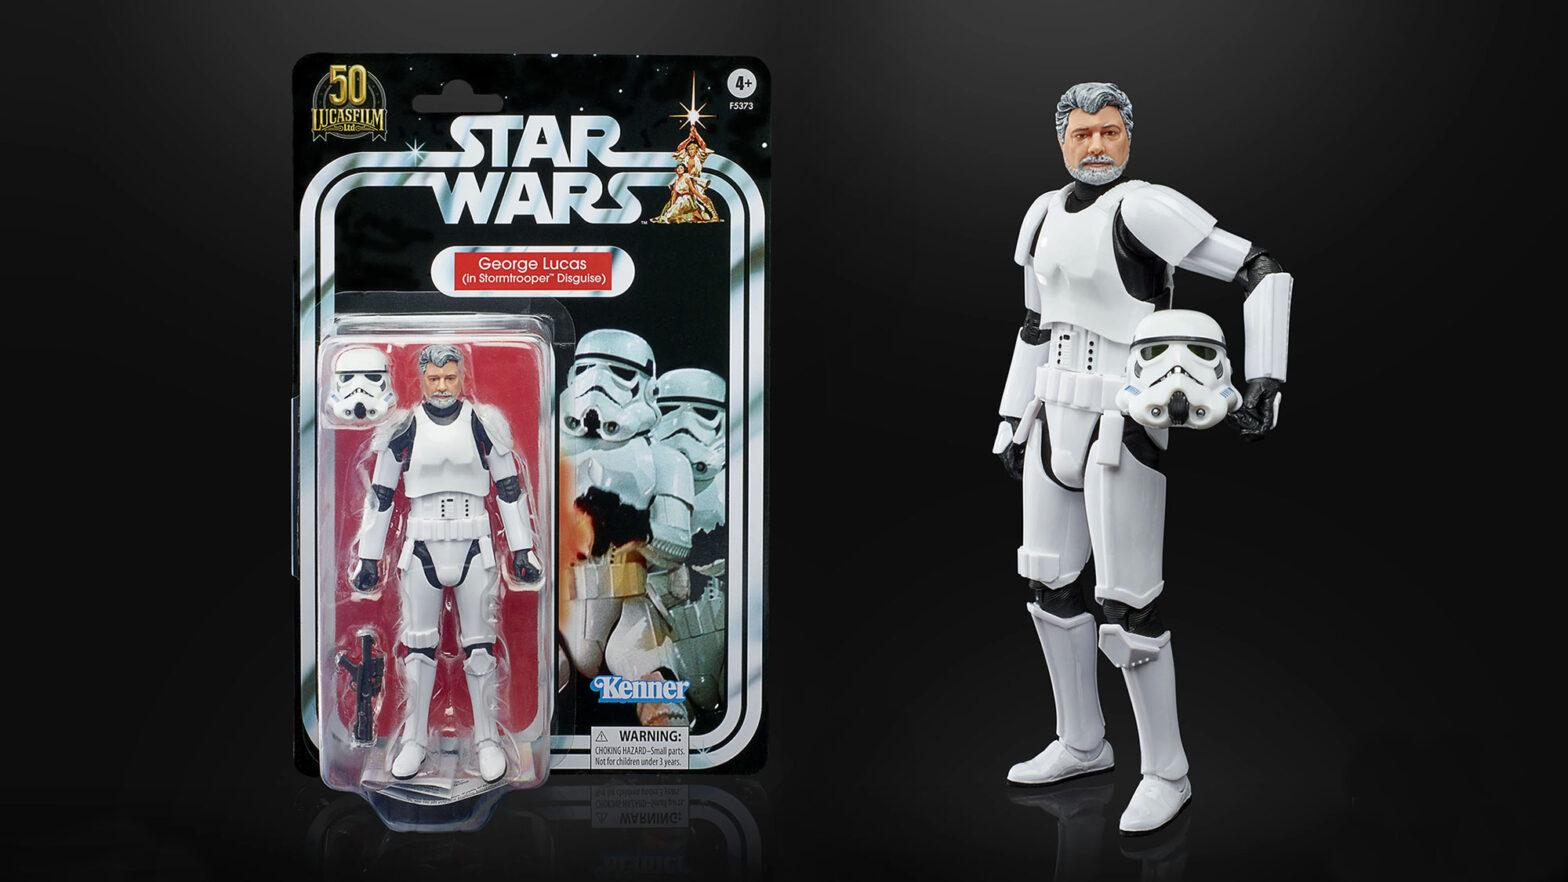 Star Wars The Black Series George Lucas (In Stormtrooper Disguise)